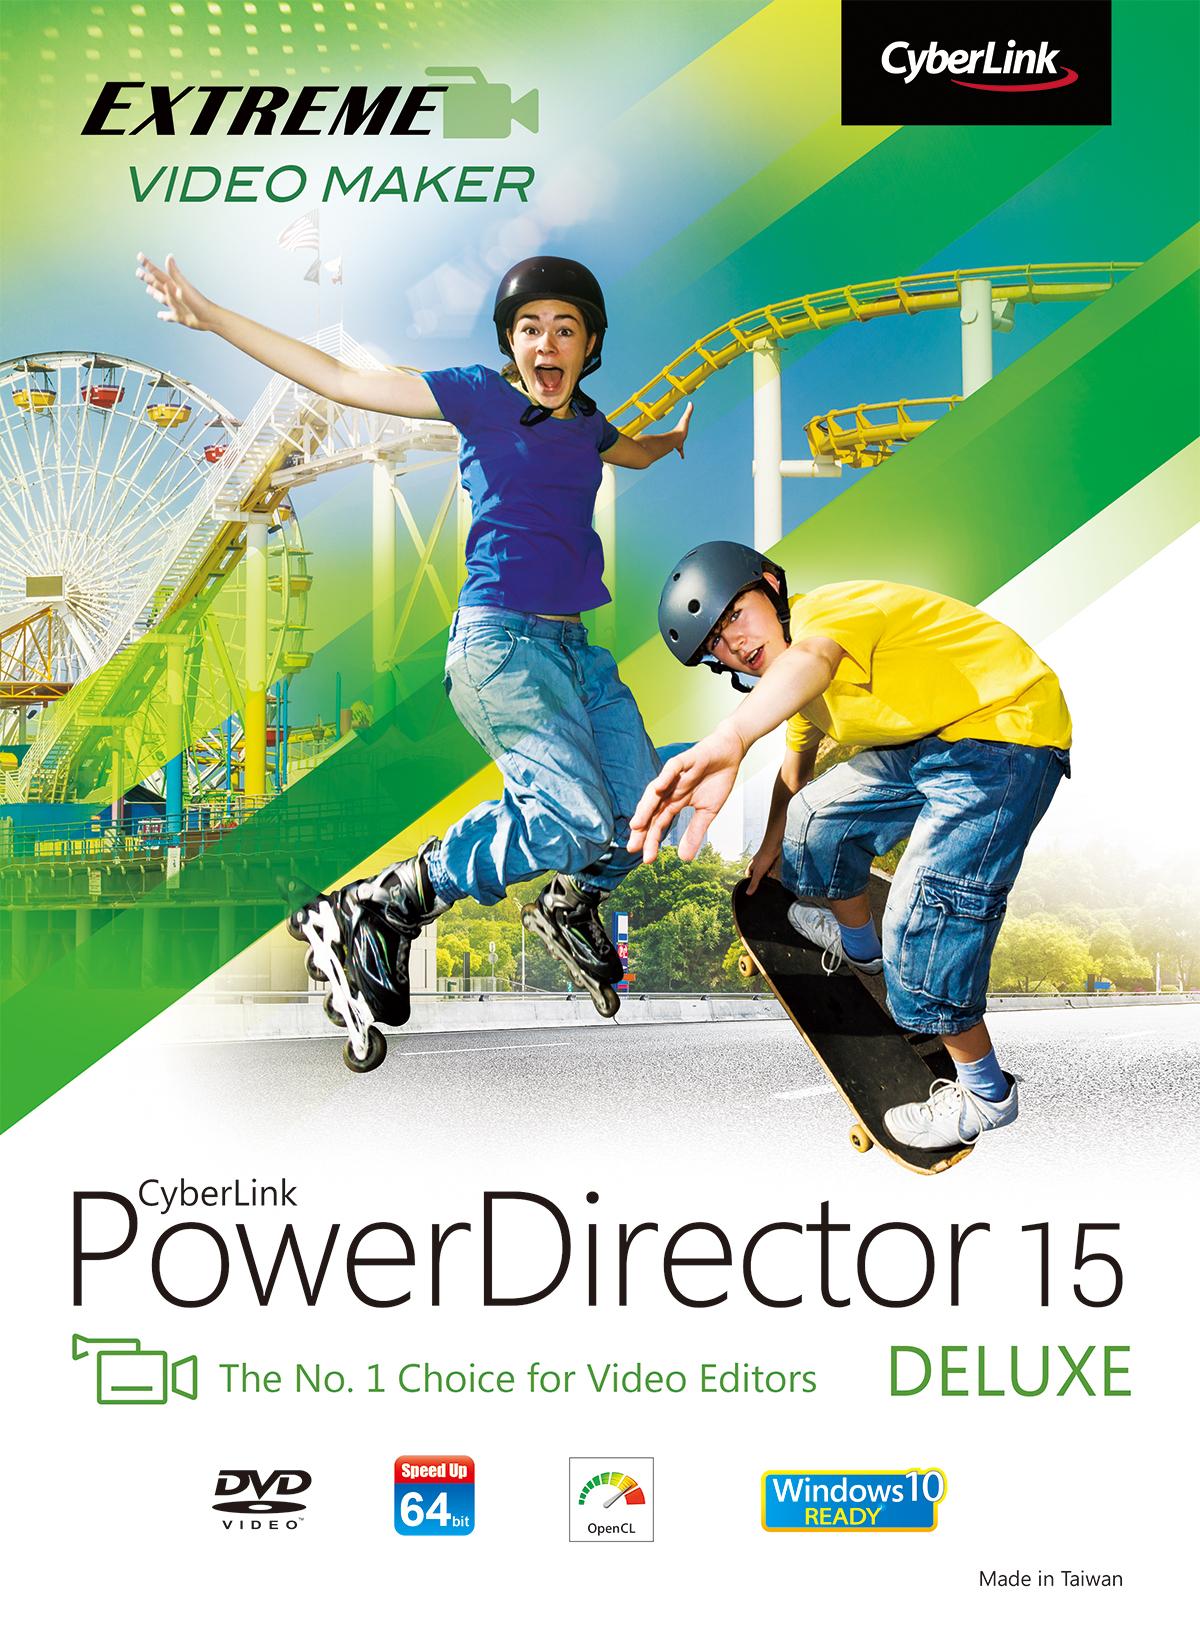 cyberlink-powerdirector-15-deluxe-download